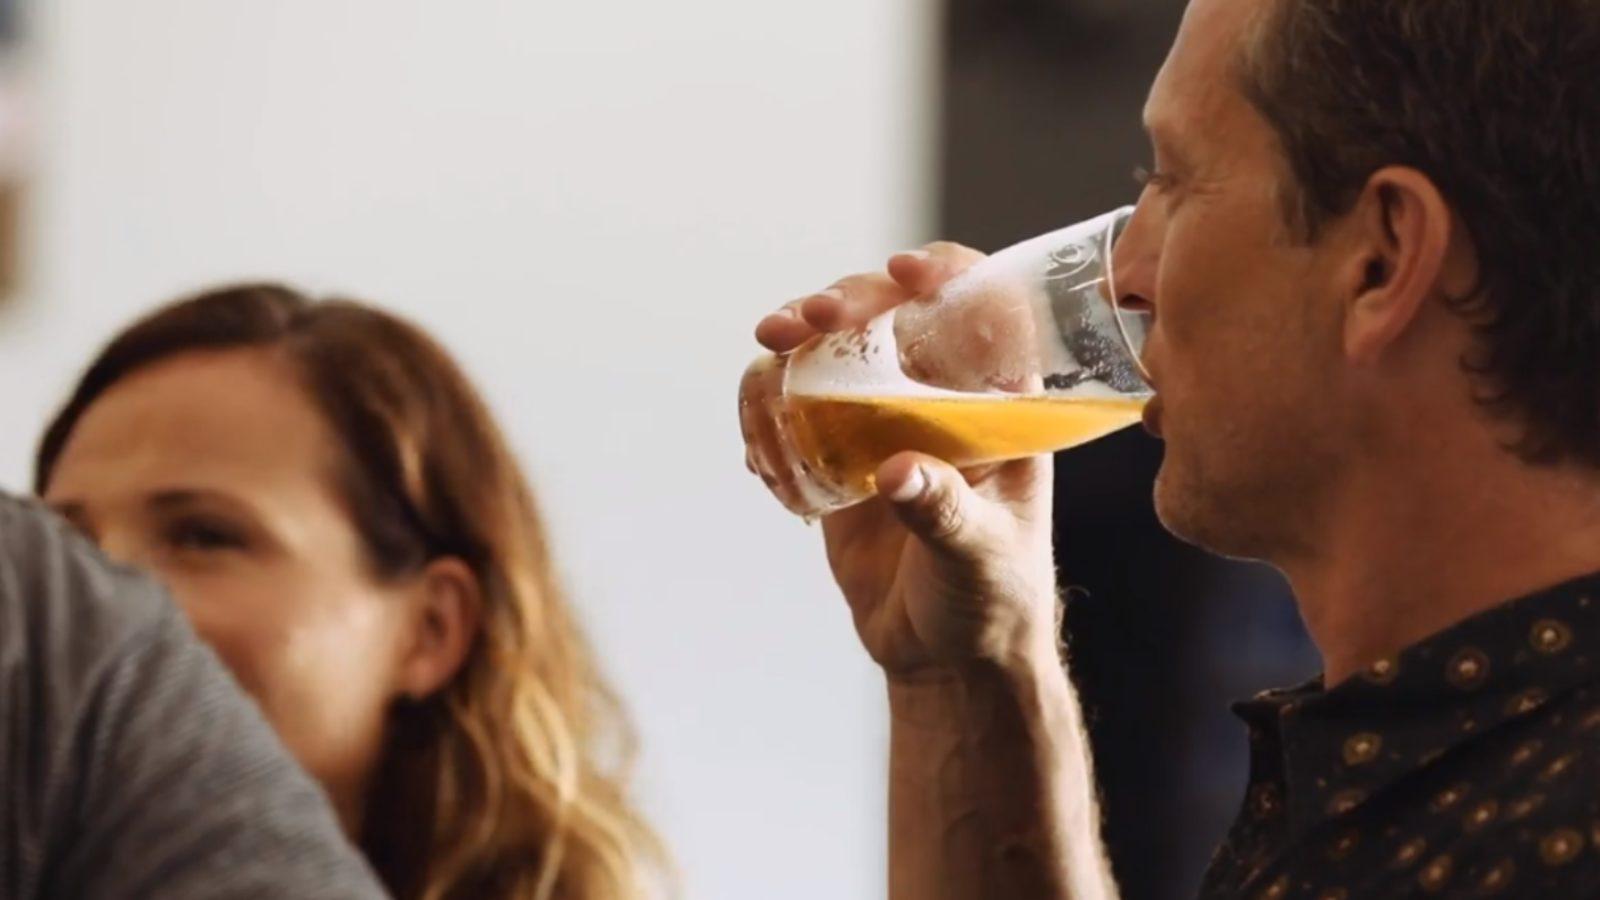 Coastal Brewing Co beer drinker